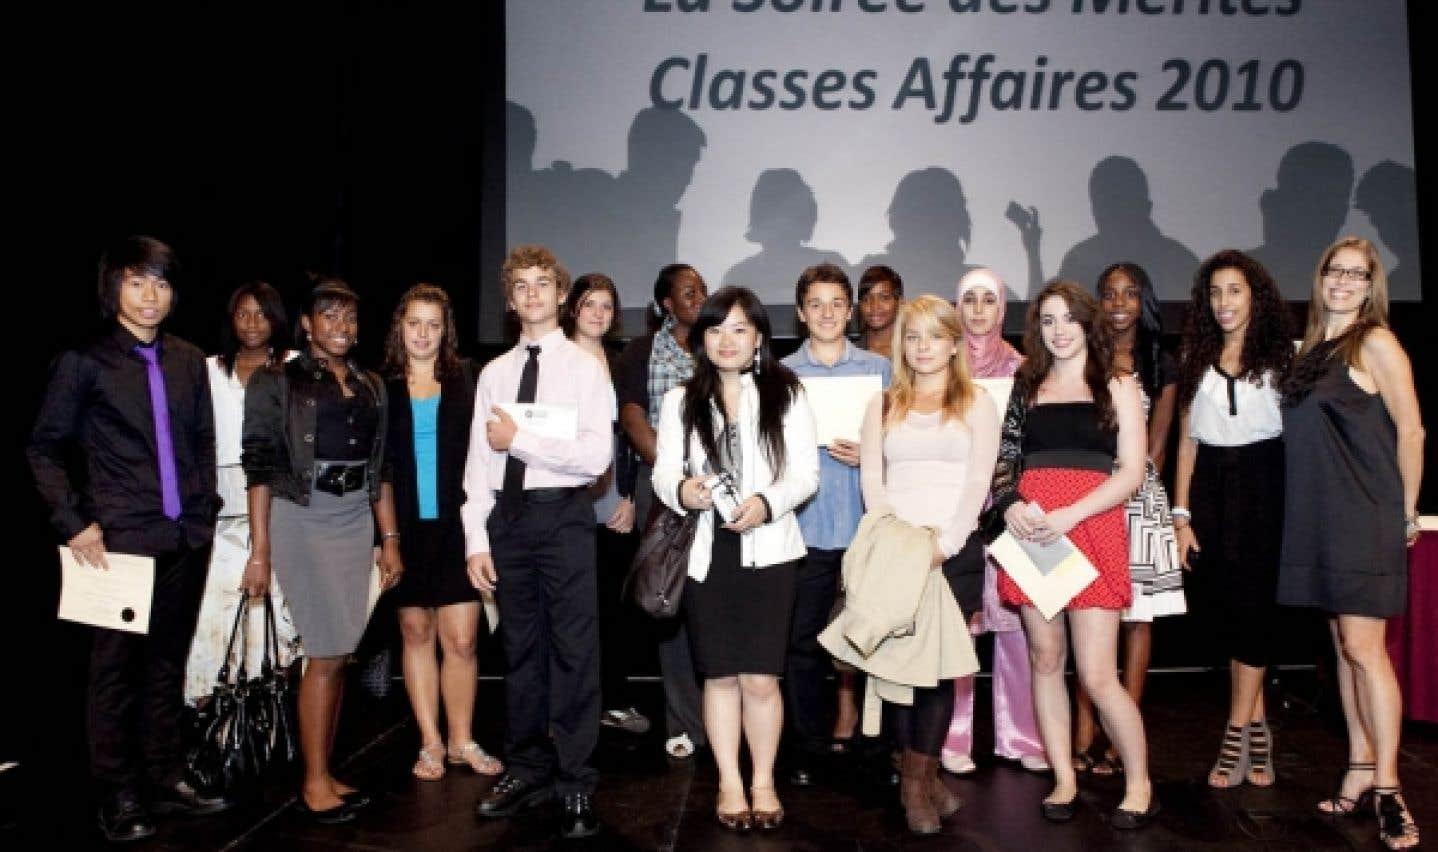 Un 10e anniversaire pour le Forum jeunesse de l'île de Montréal - Des regroupements de jeunes à travers le monde «envient la confiance que nous témoigne notre gouvernement»